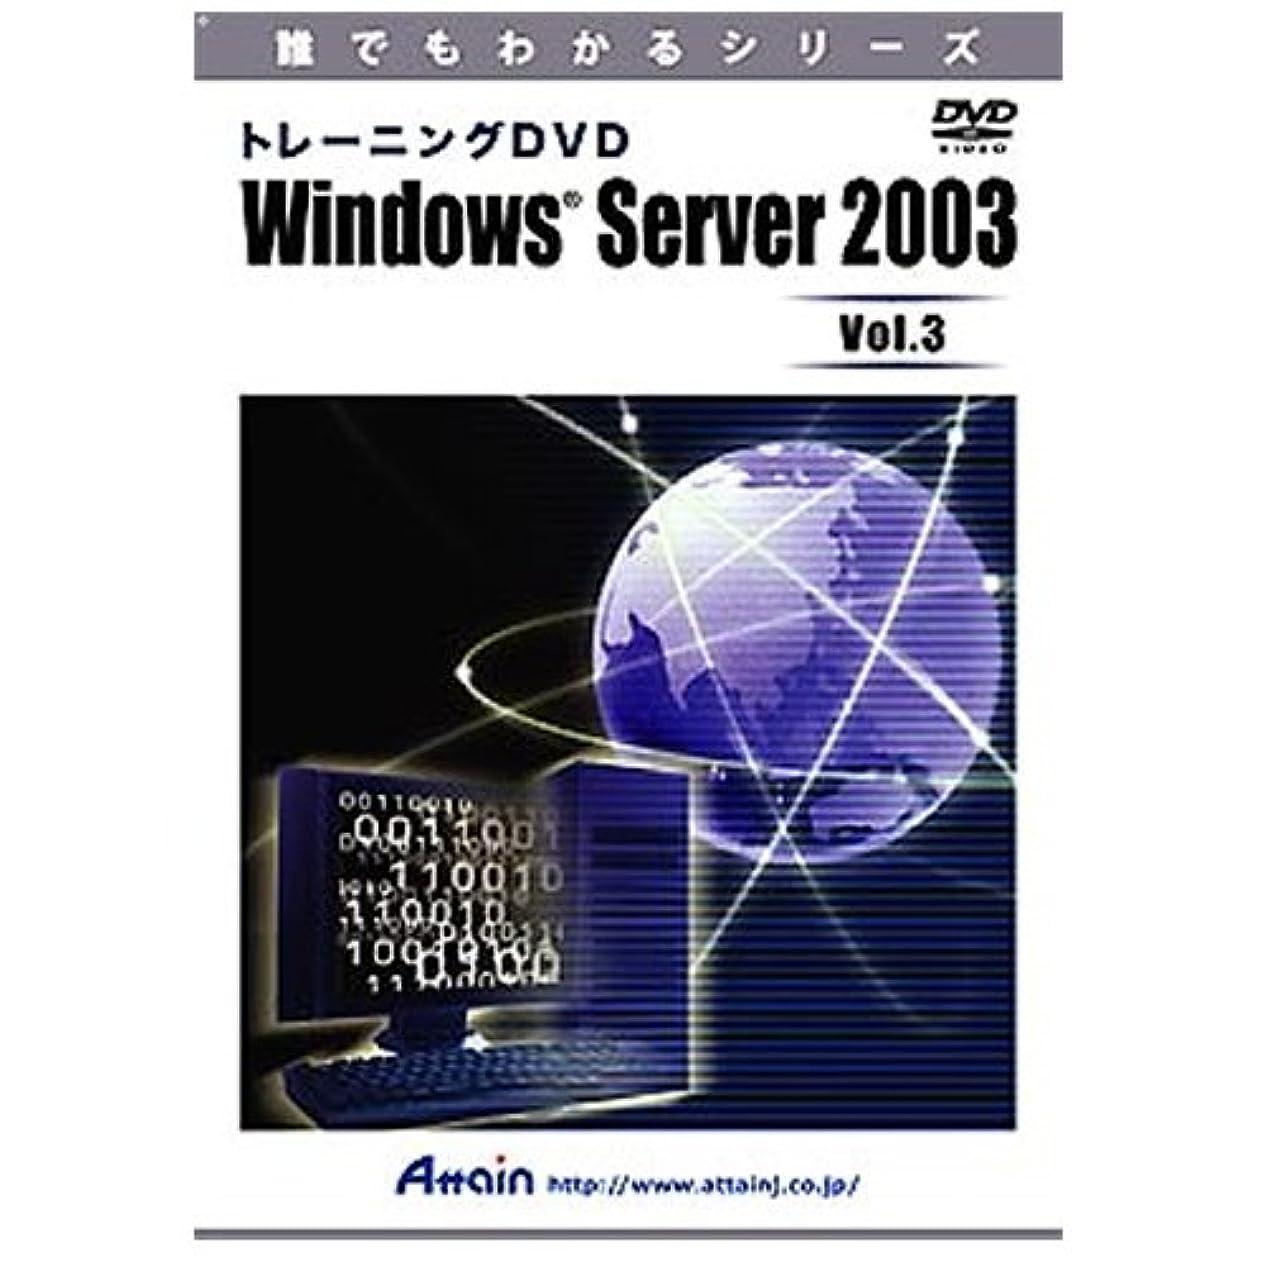 汚す無駄だ報酬のトレーニングDVD Windows Server 2003 Vol.3